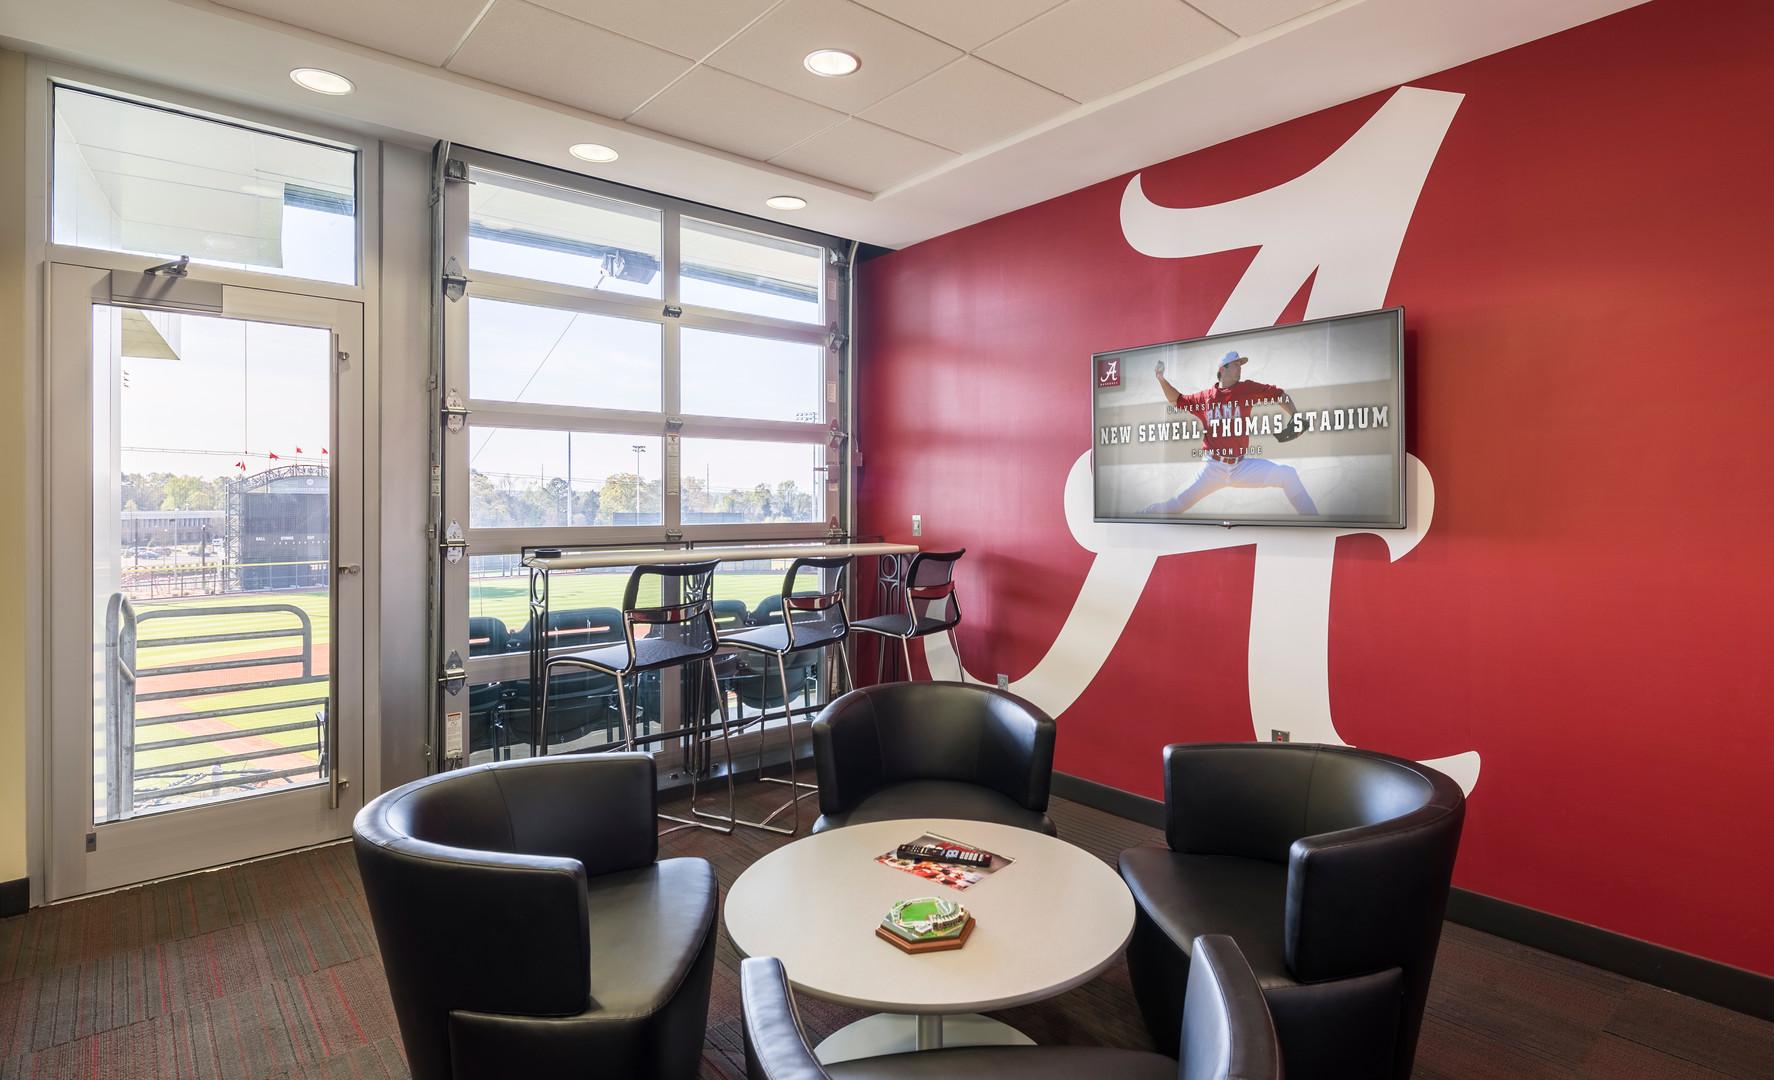 University of Alabama Sewell Thomad Stadium